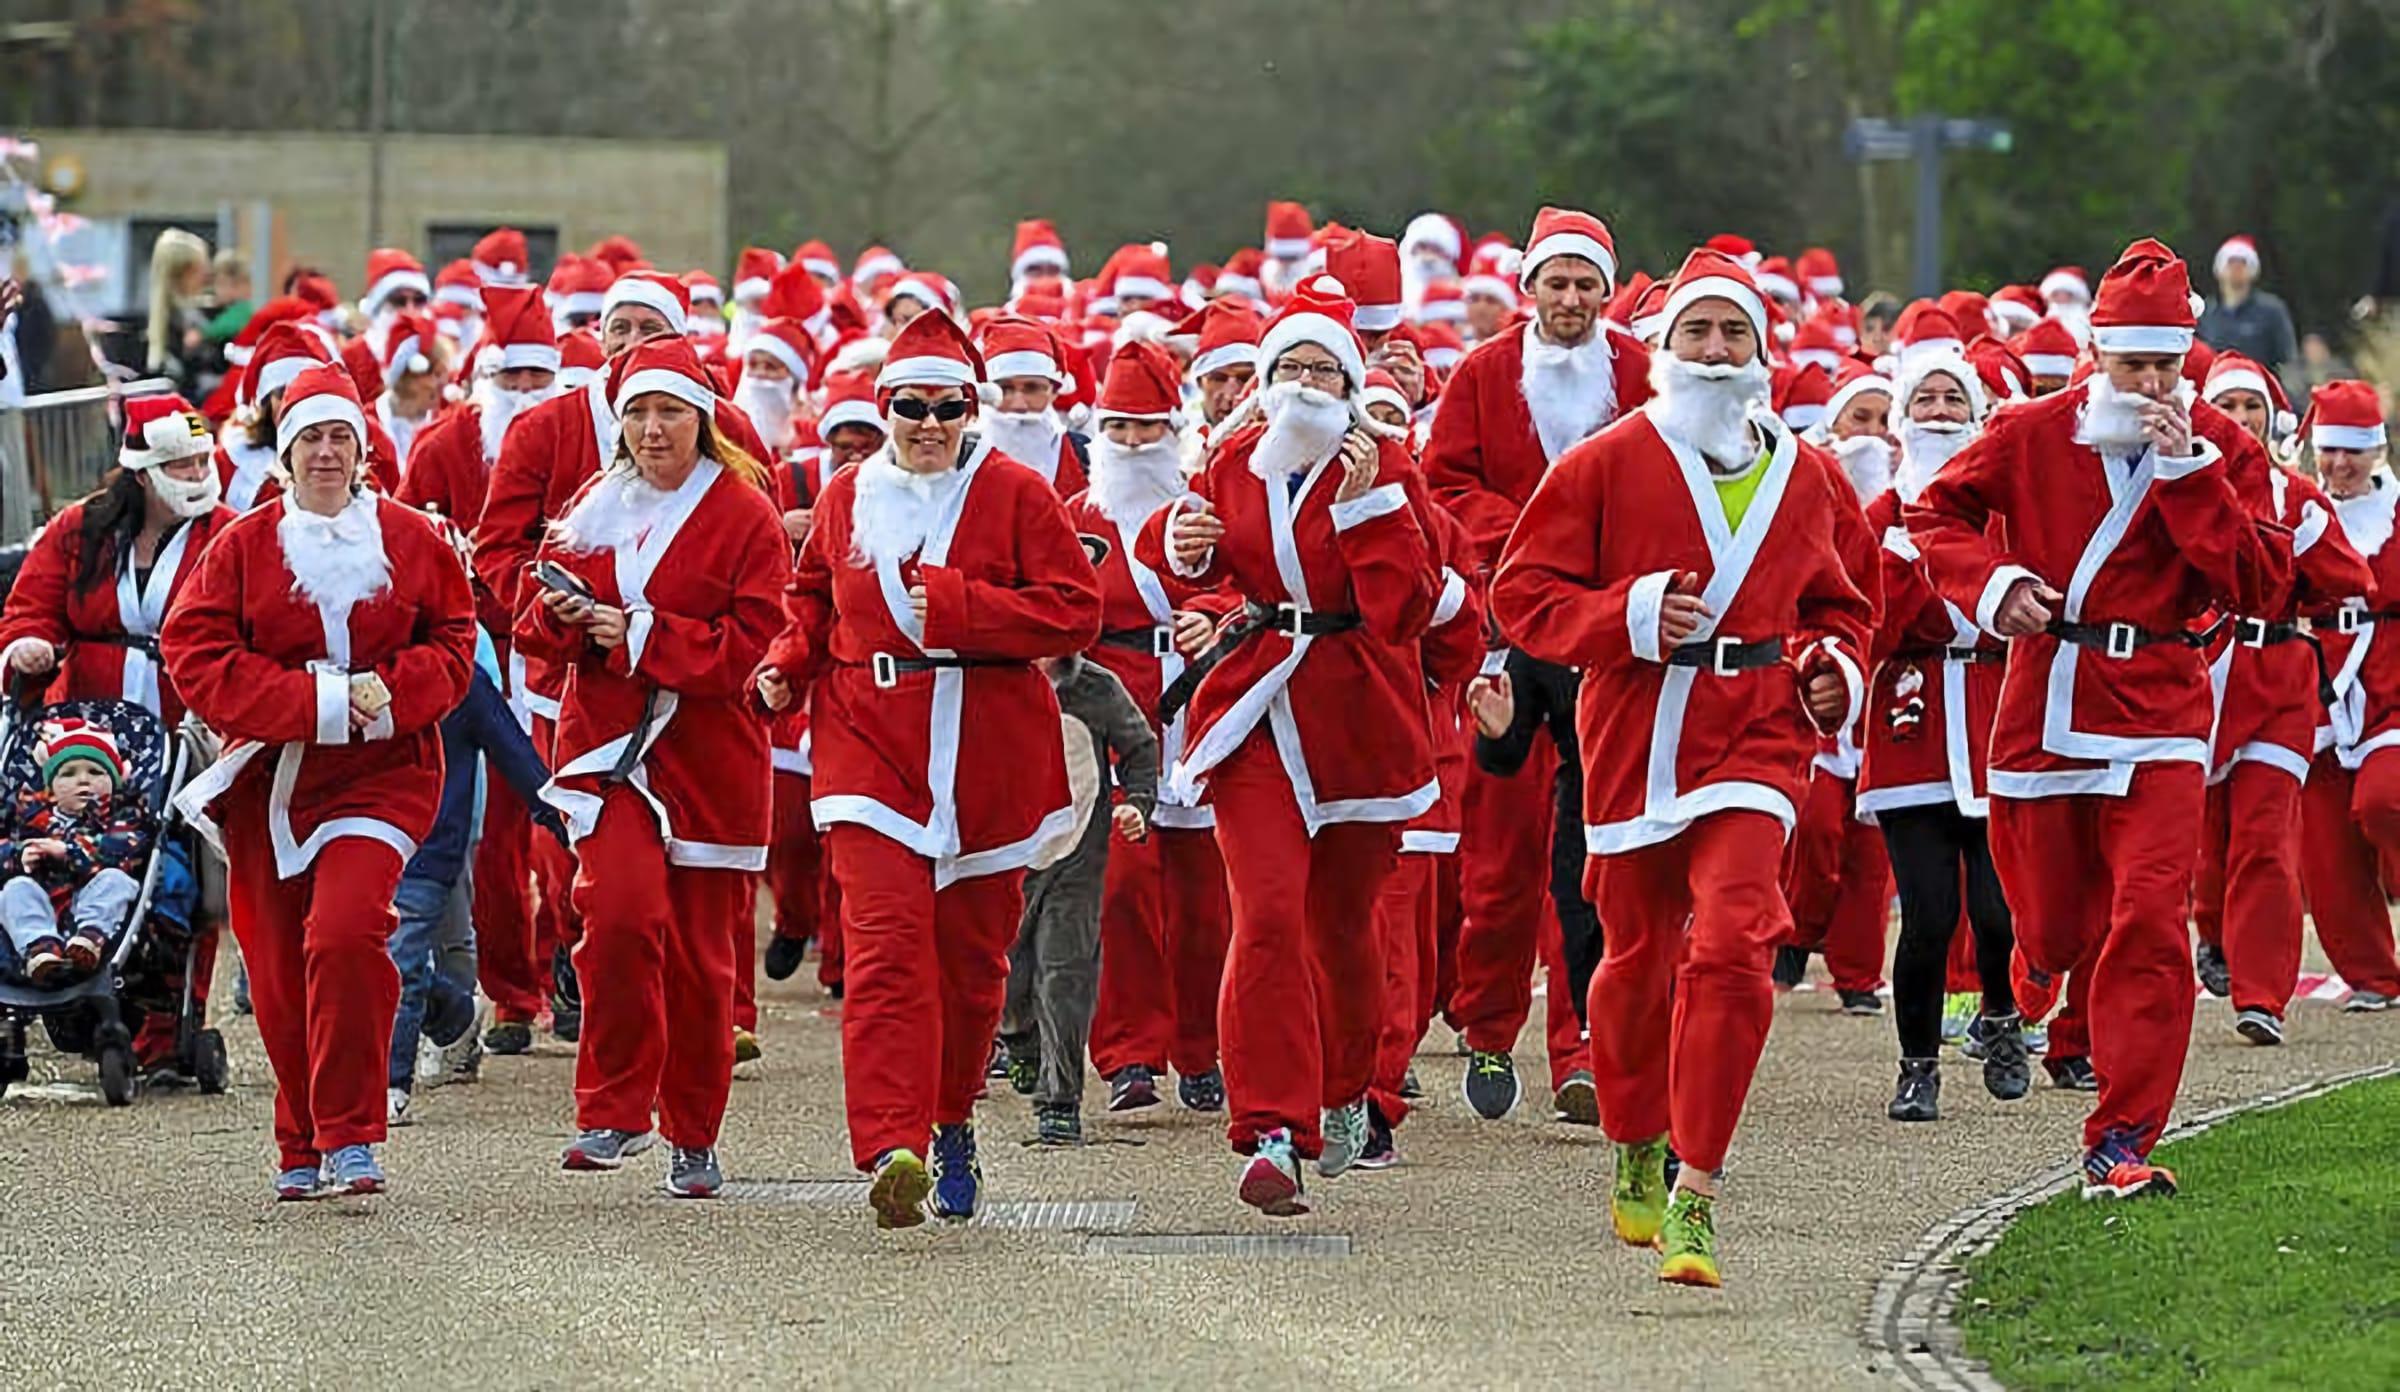 Shropshire Santa 5k Run